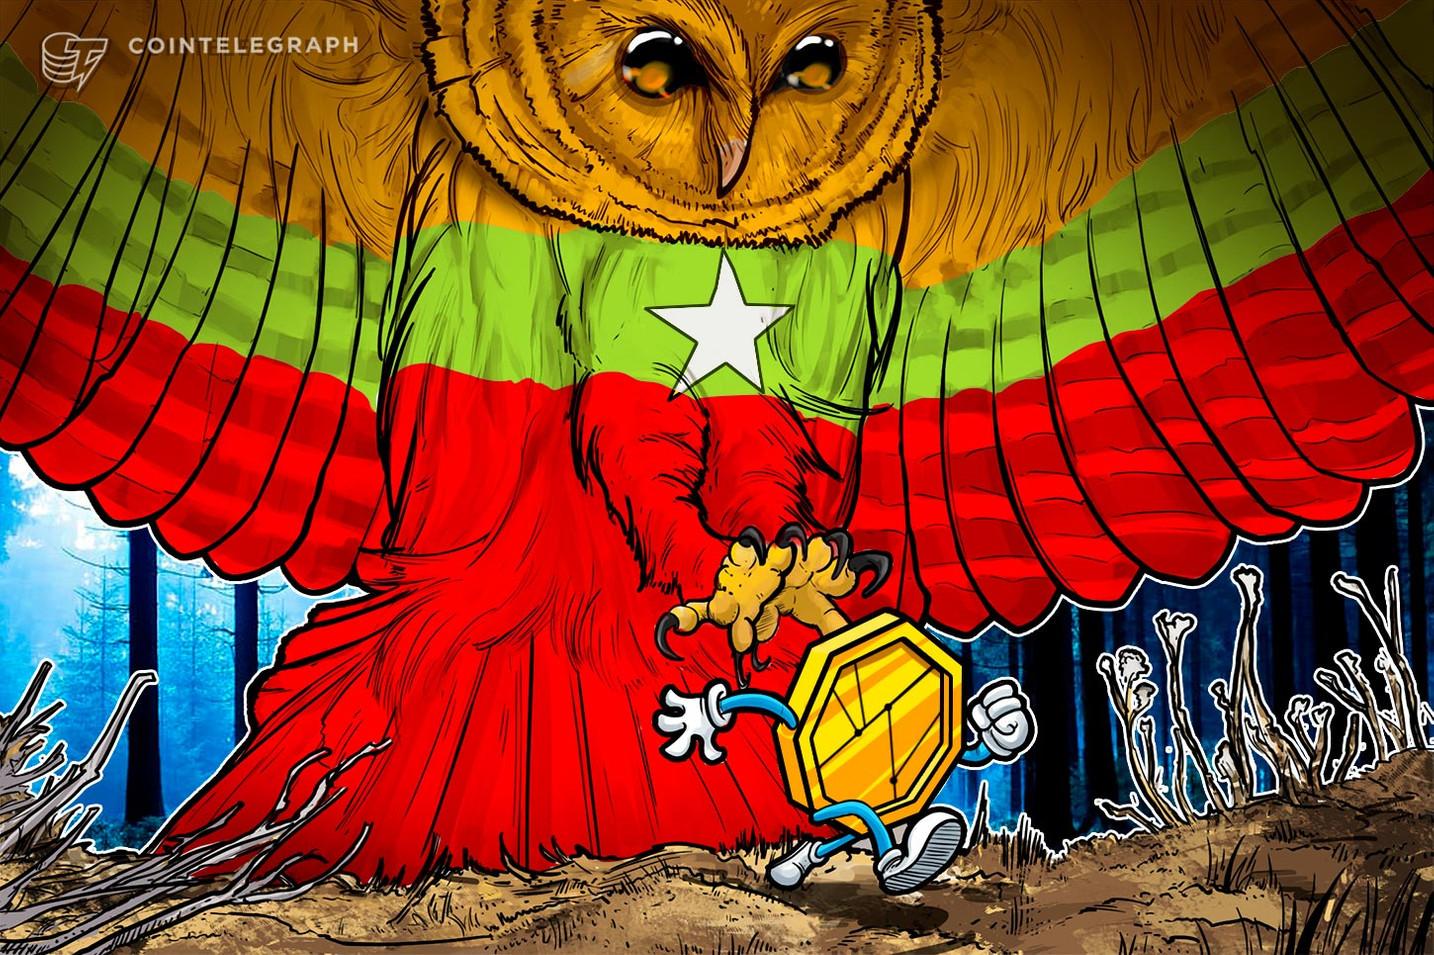 ミャンマー中央銀行、詐欺報告を受け国民に仮想通貨を使用しないよう警告